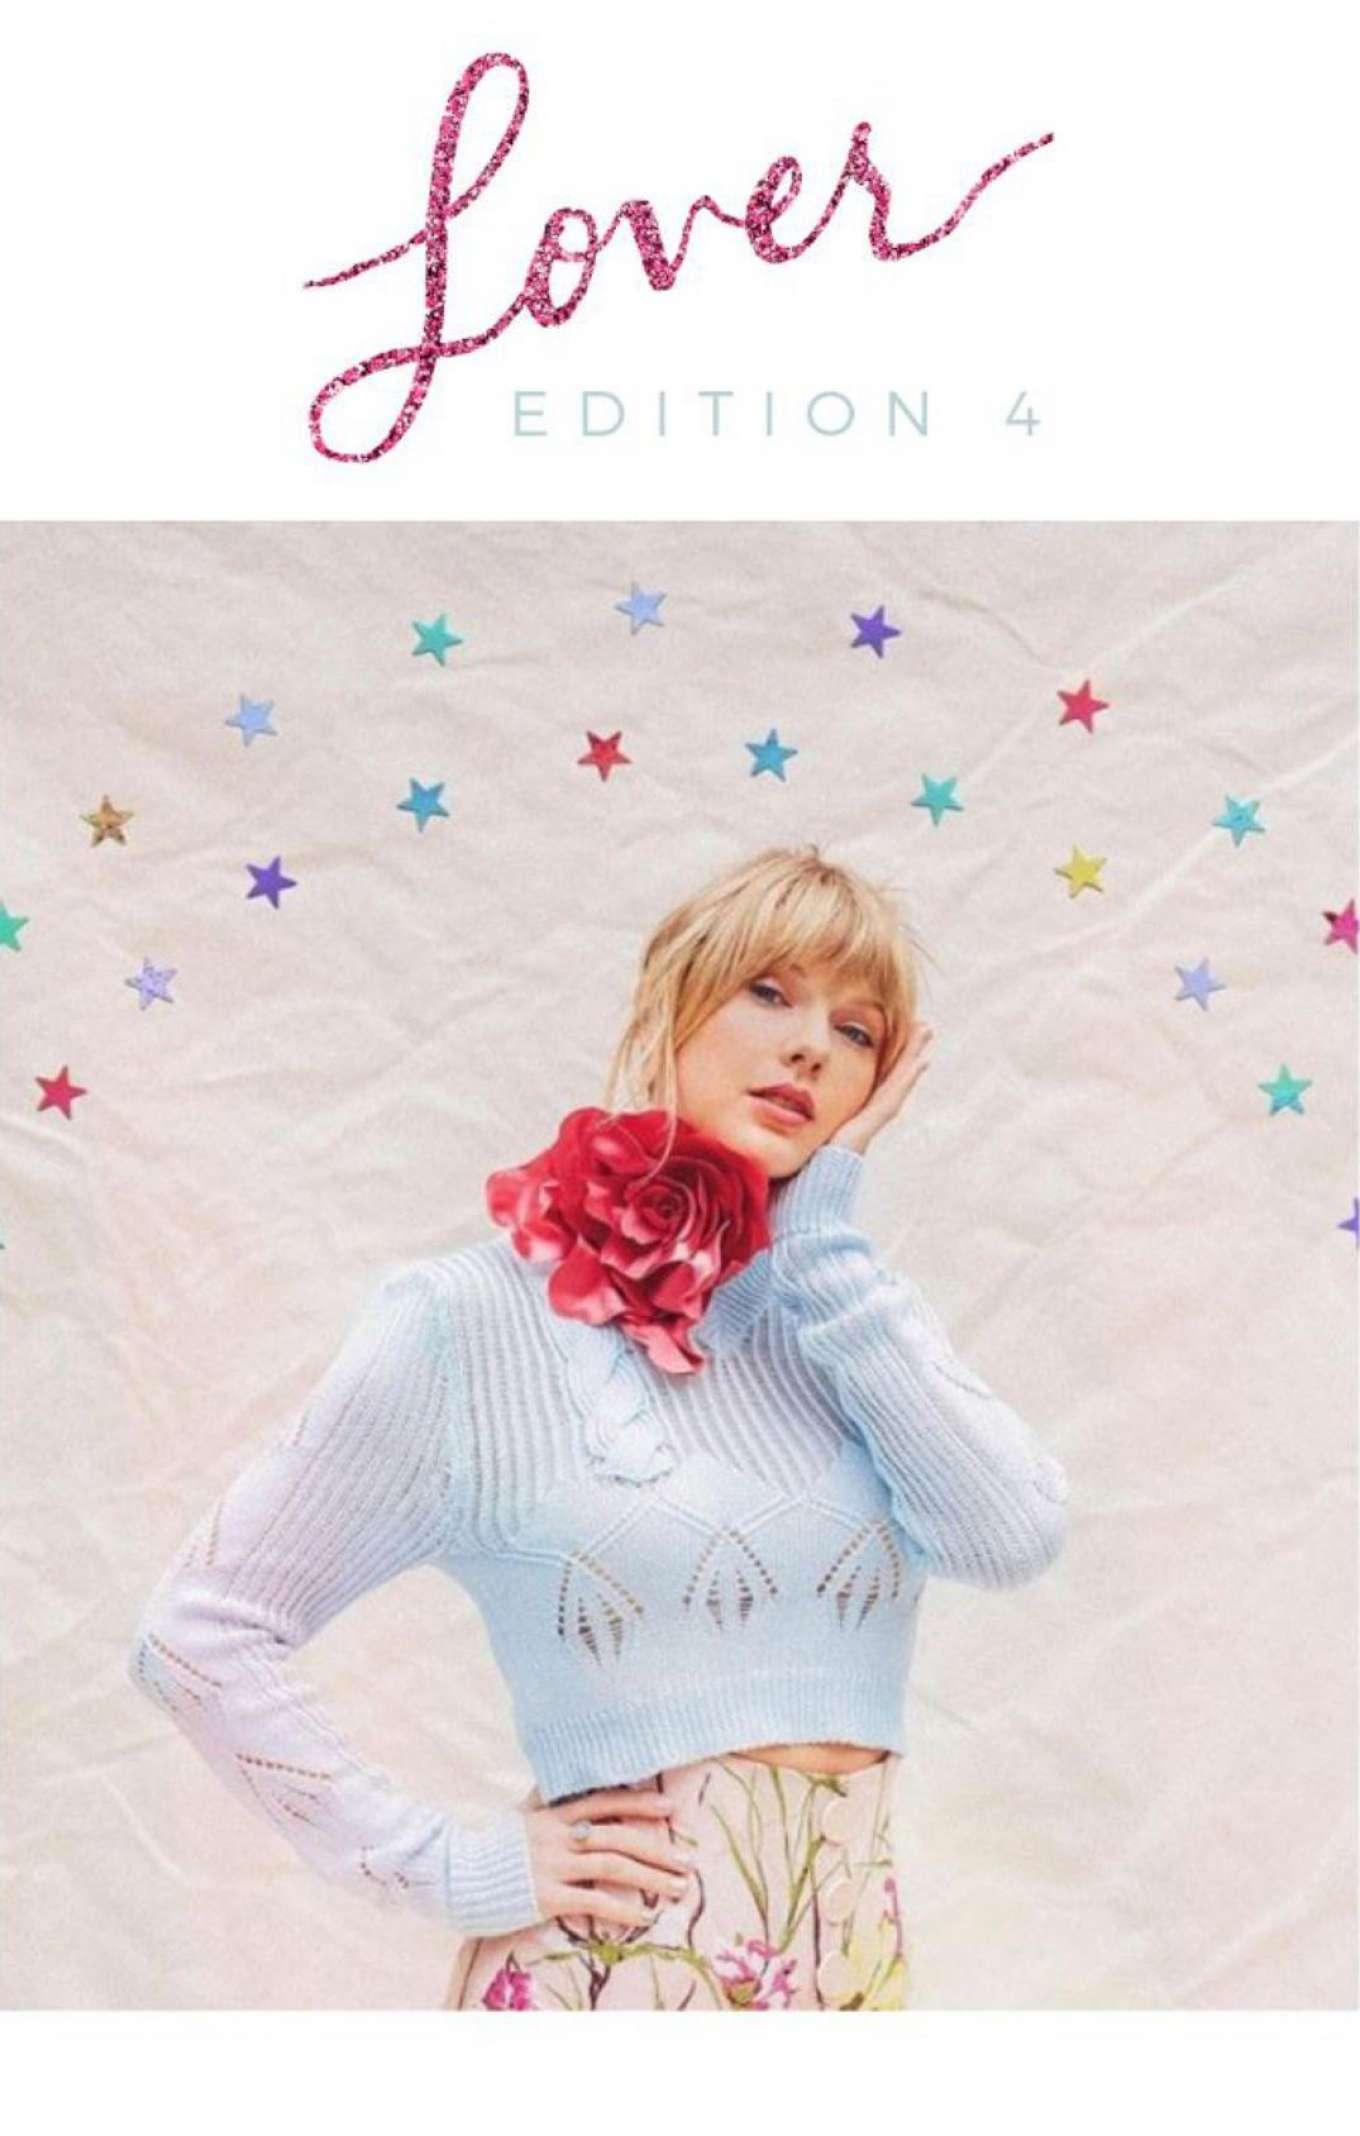 Taylor Swift - Lover Deluxe Album Journals 2019